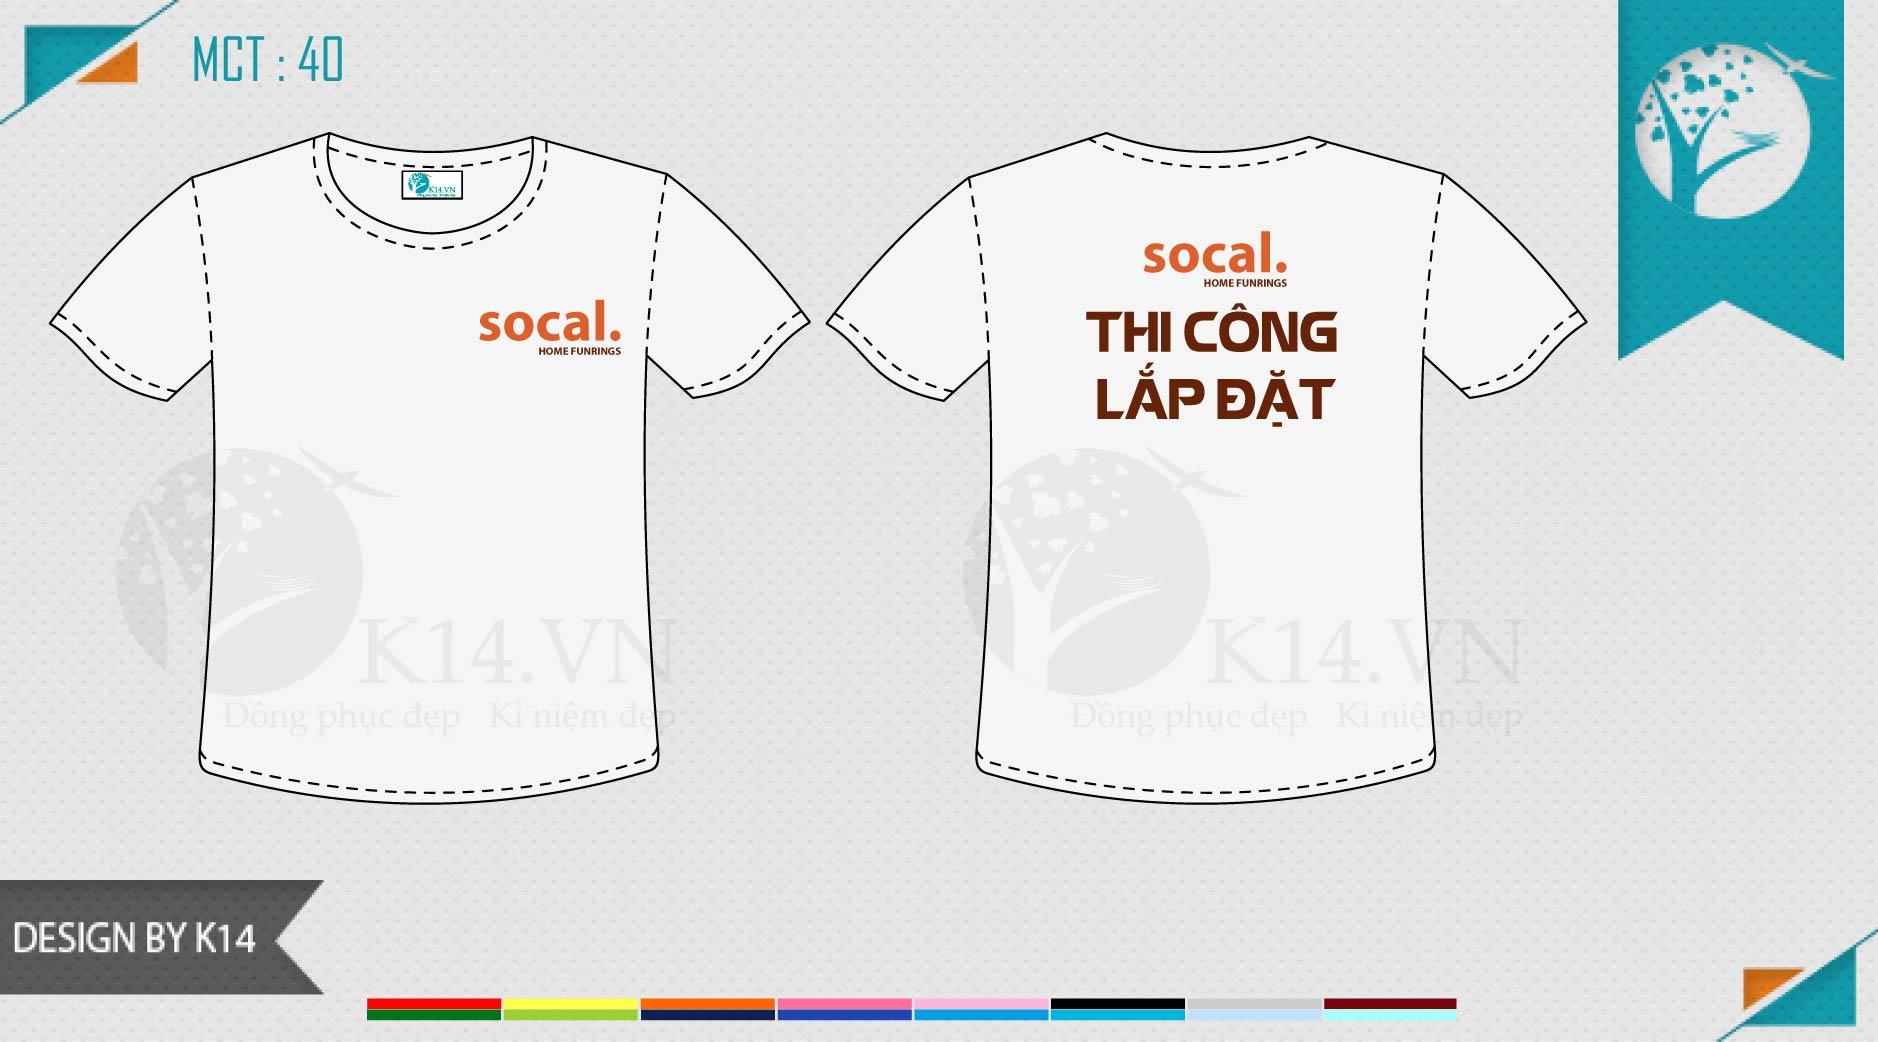 Mẫu áo đồng phục công ty Thi công lắp đặt Socal